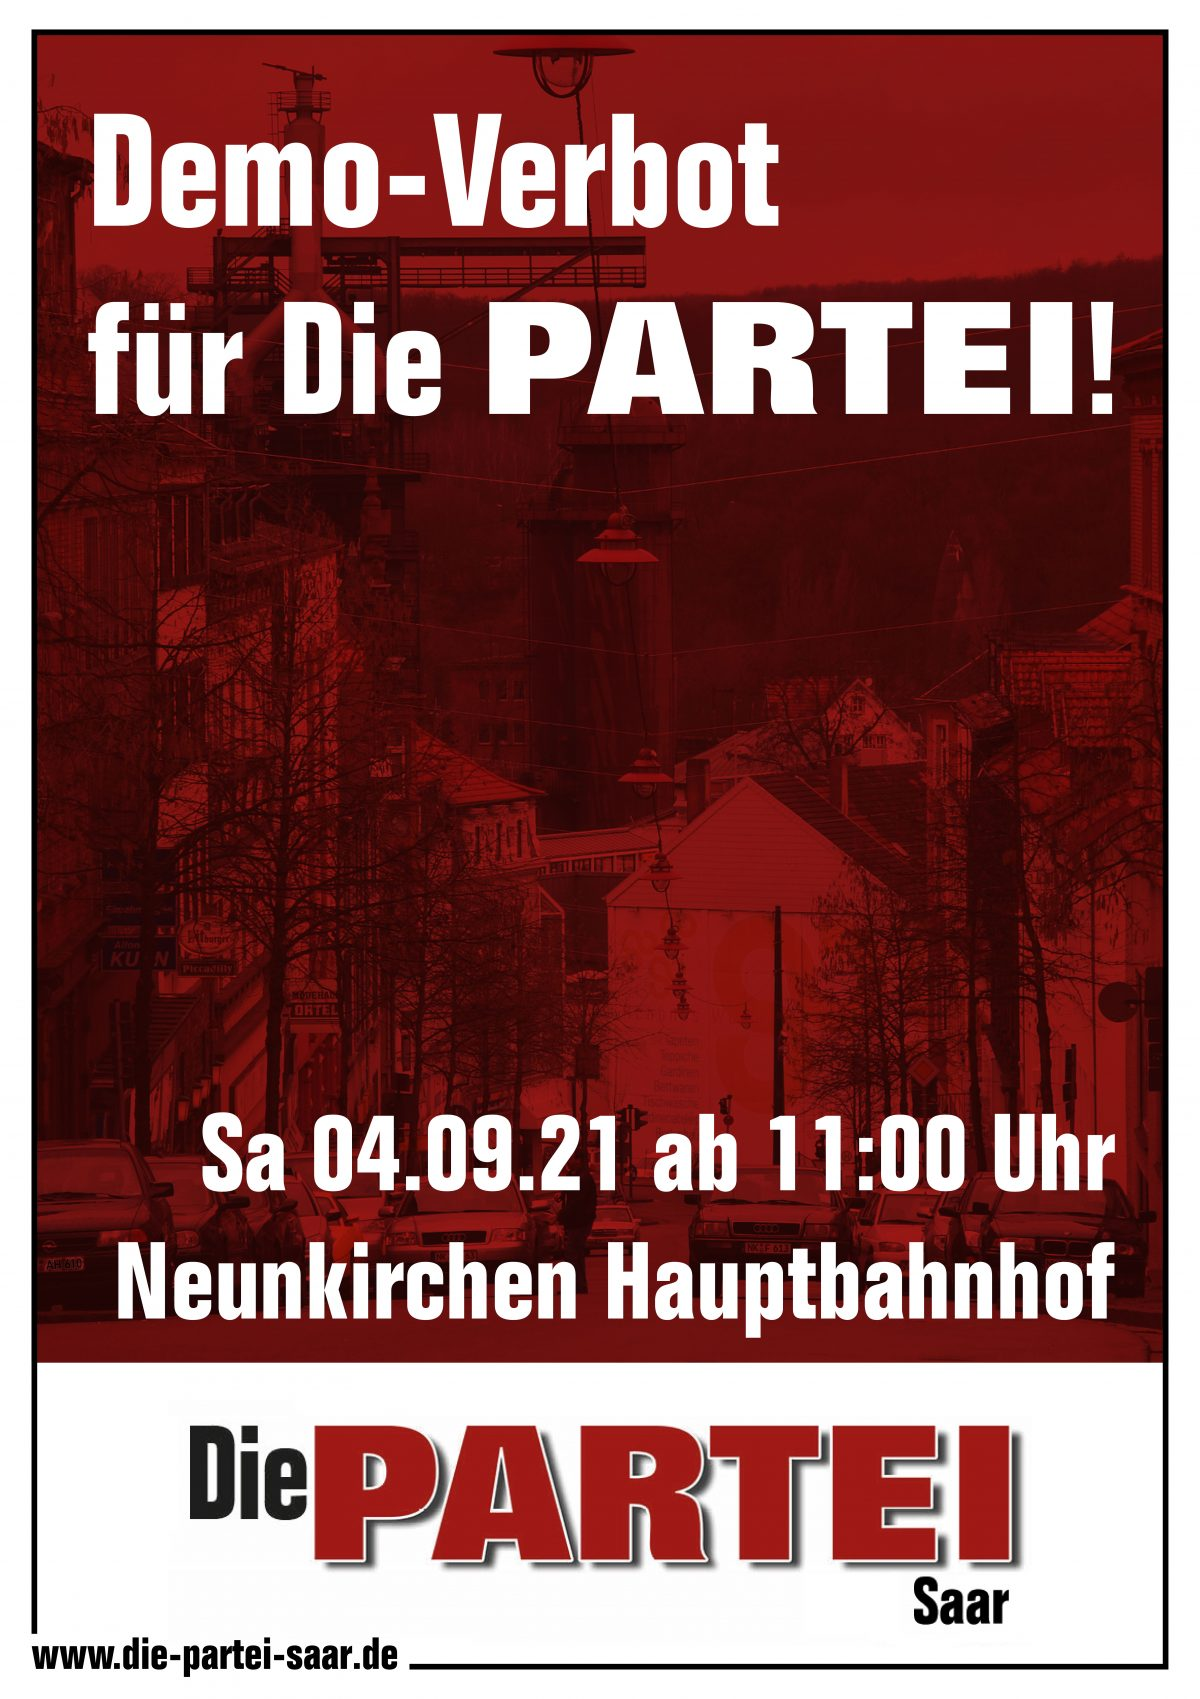 Demo-Verbot für DiePARTEI! Sa 04.09.21 ab 11:00 Uhr, Neunkirchen Hauptbahnhof